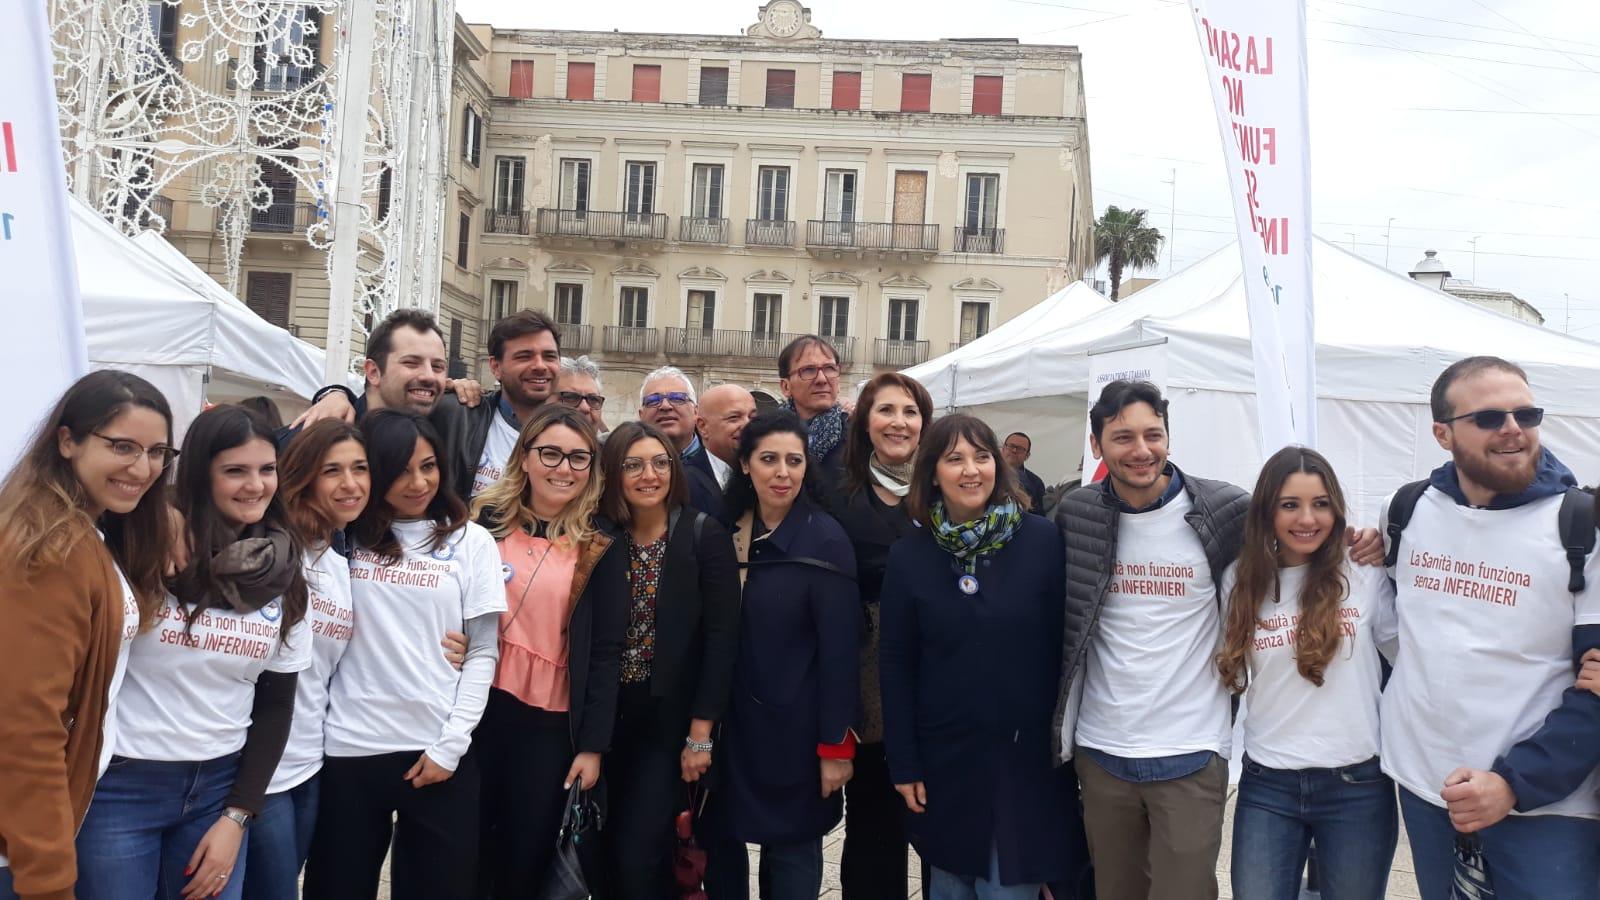 L'Opi Bari celebra la Giornata Internazionale dell'Internazionale in piazza del Ferrarese 2